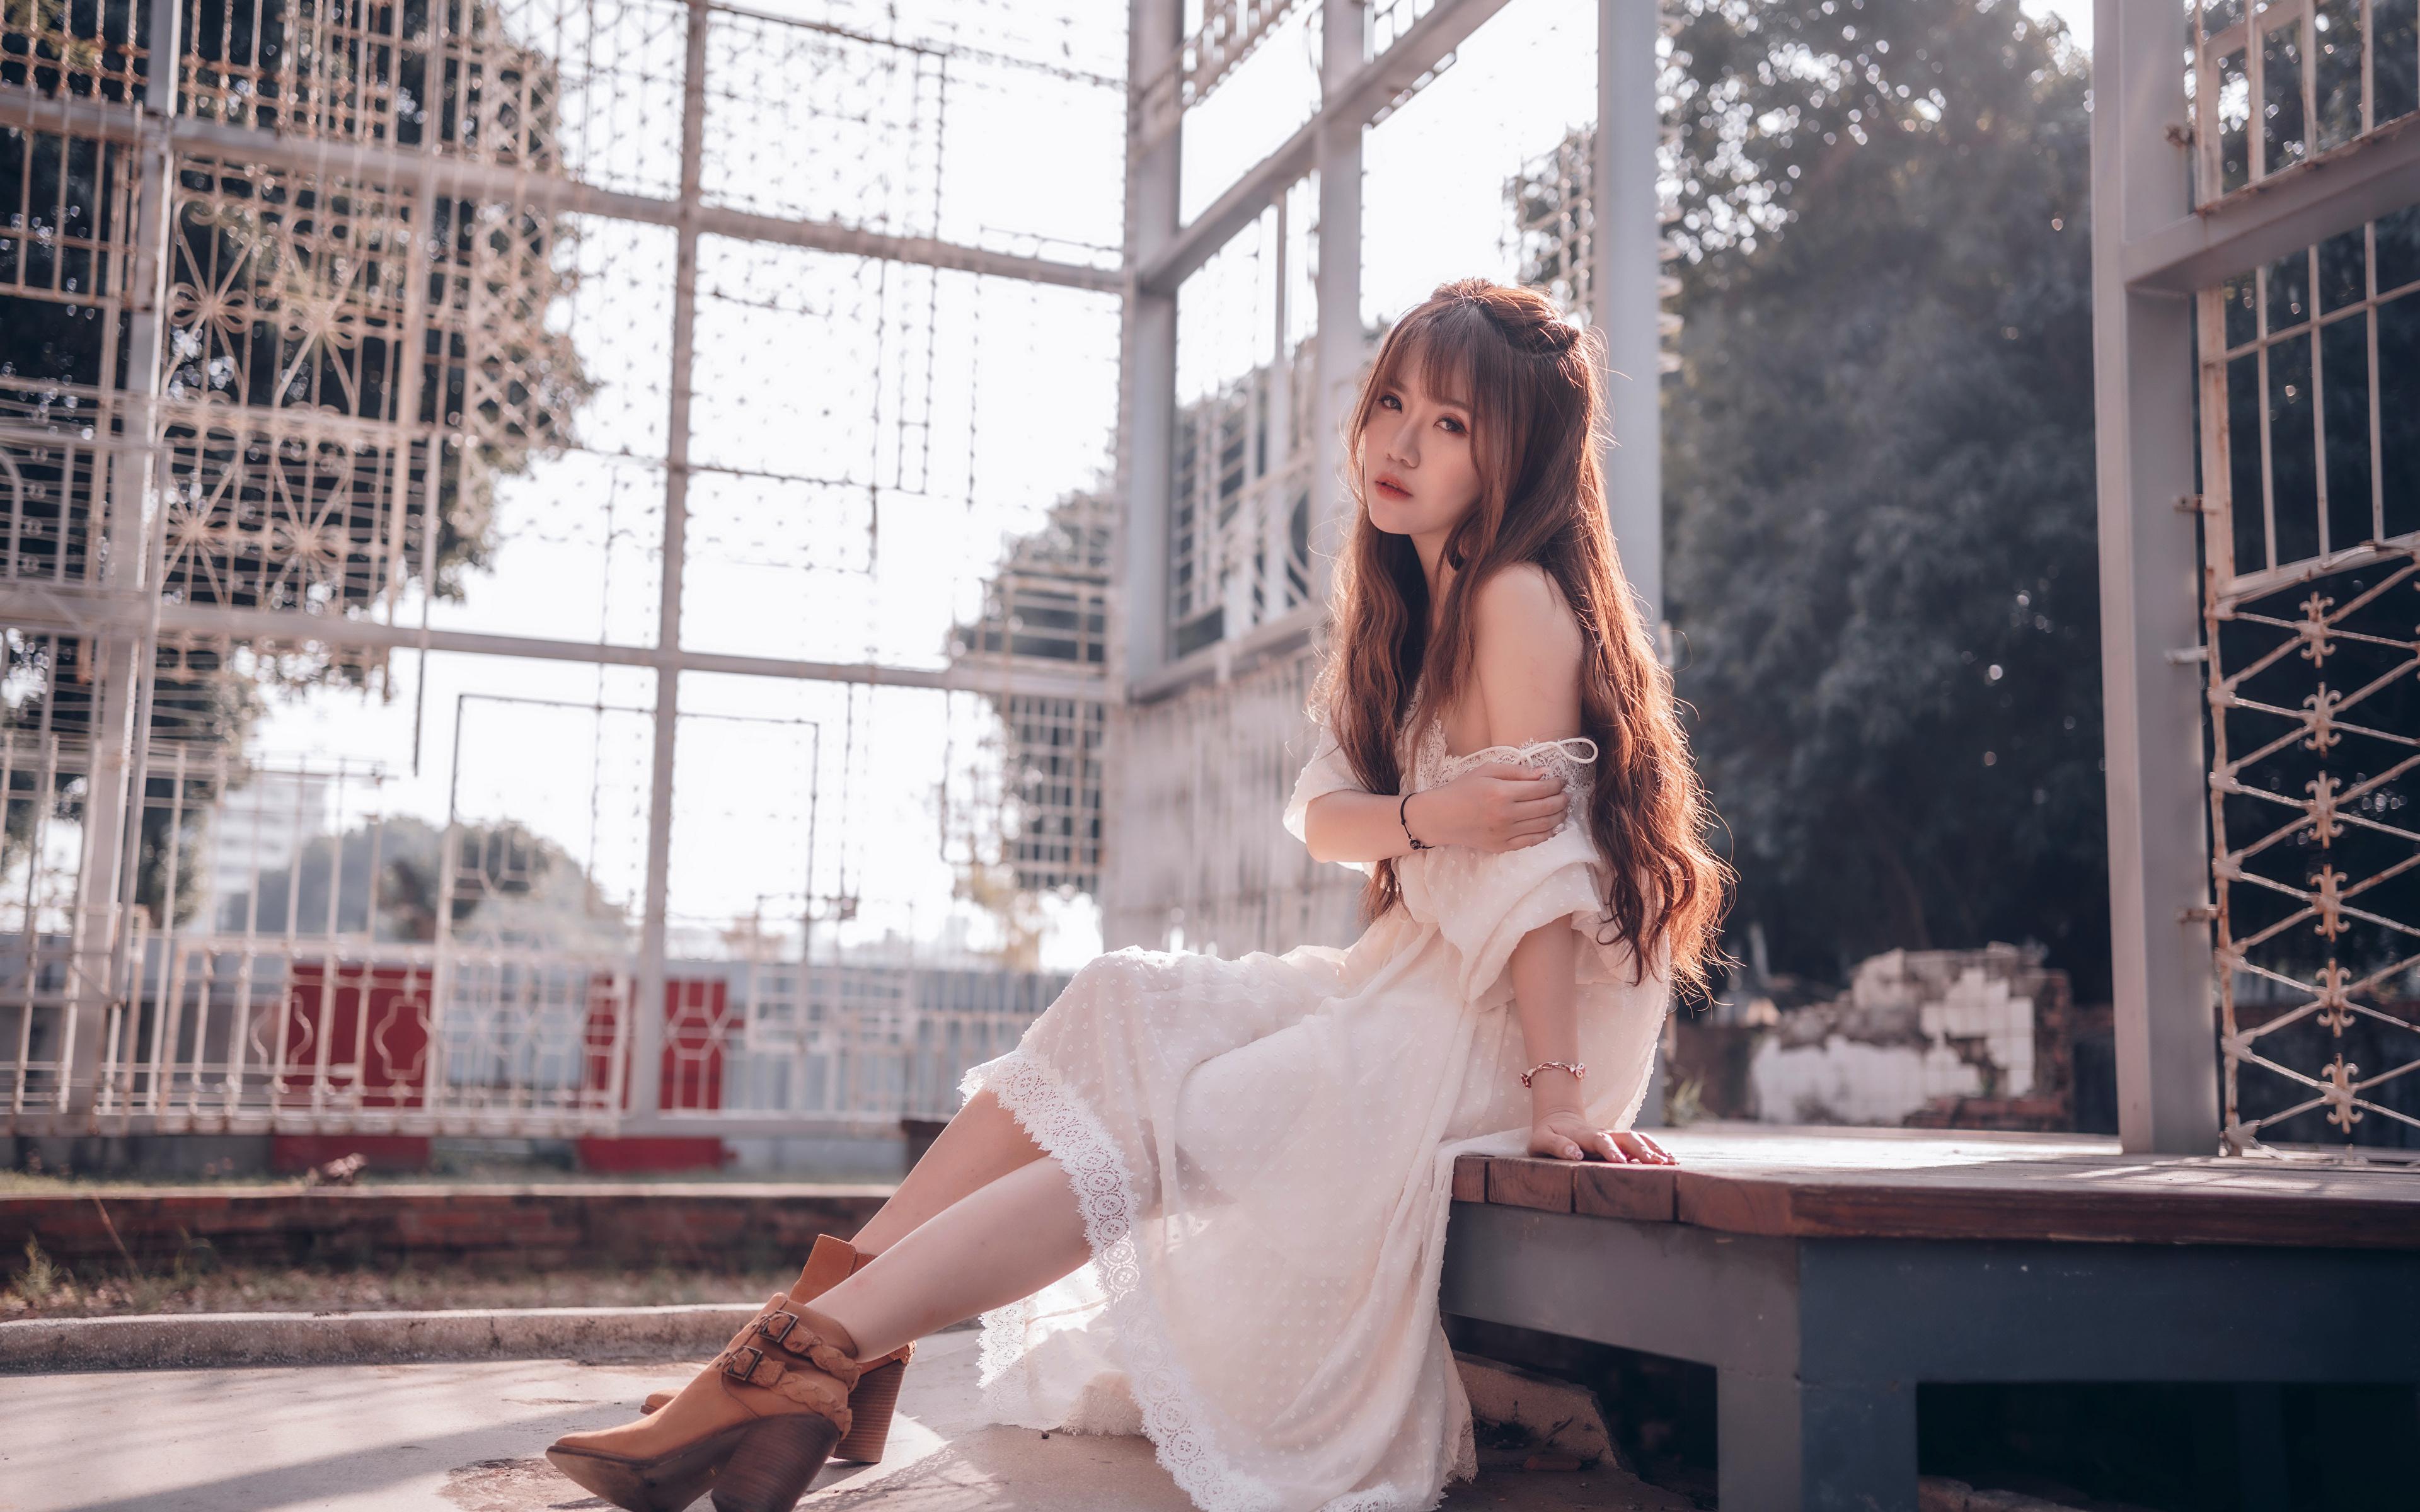 3840x2400 Asiático Sentados Vestido Castanhos jovem mulher, mulheres jovens, moça, asiática, Cabelo castanho, sentada Meninas